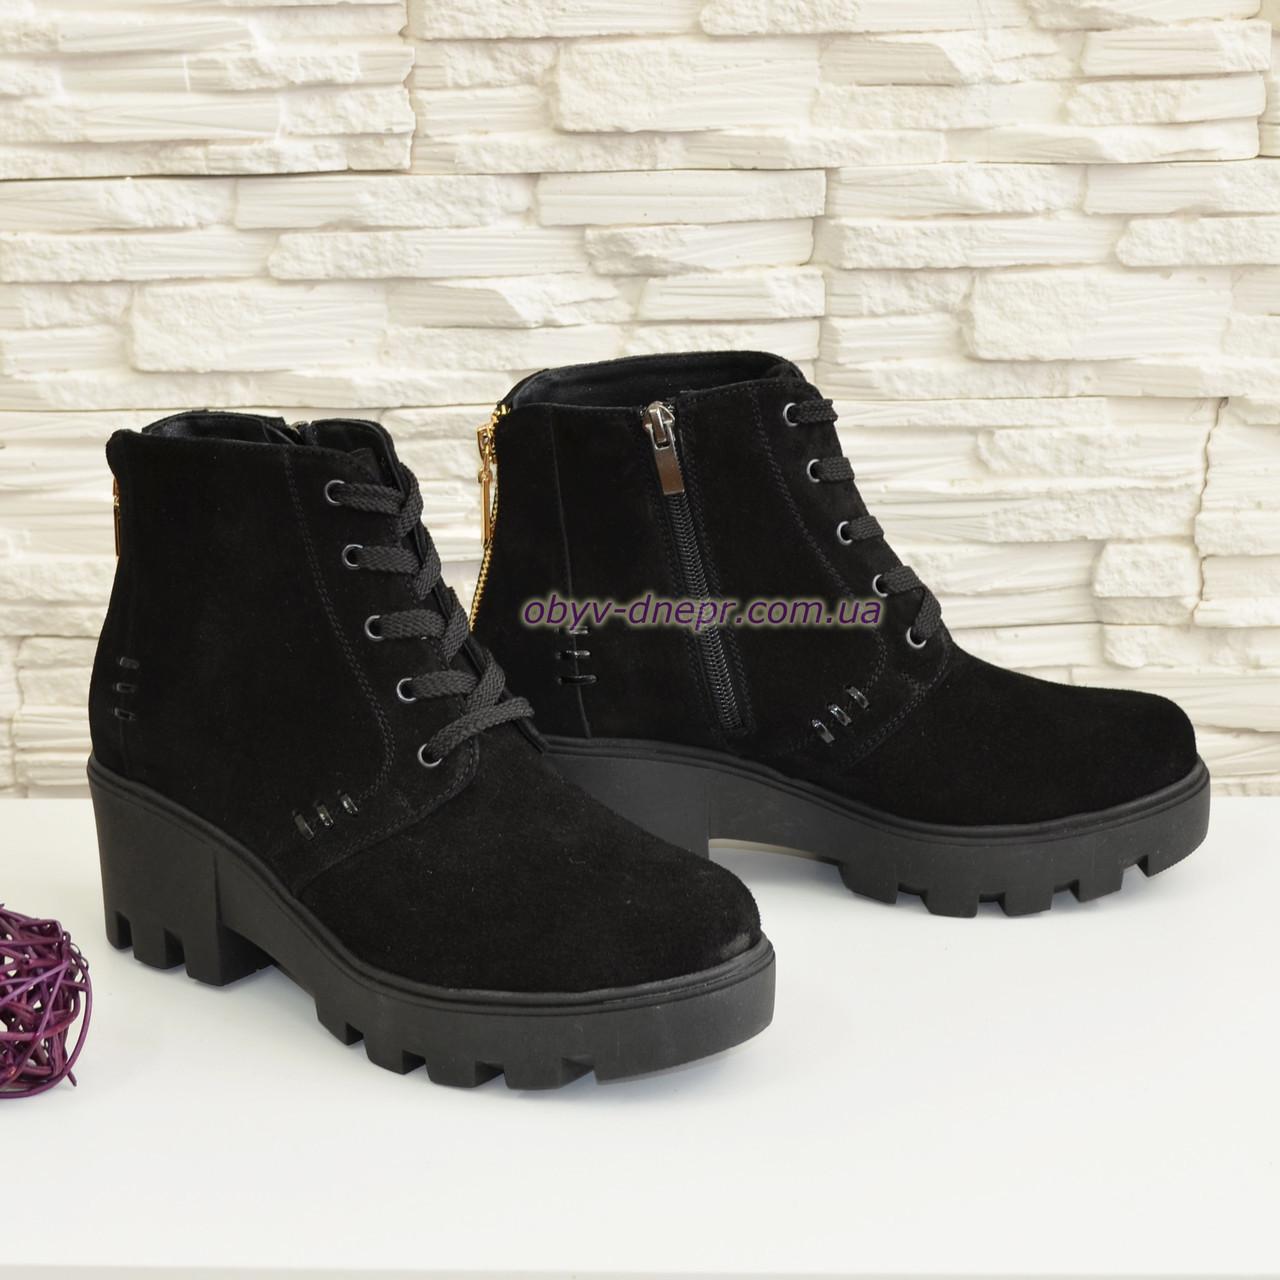 87394530 Купить Женские зимние замшевые ботинки на шнуровке, черный цвет. в ...